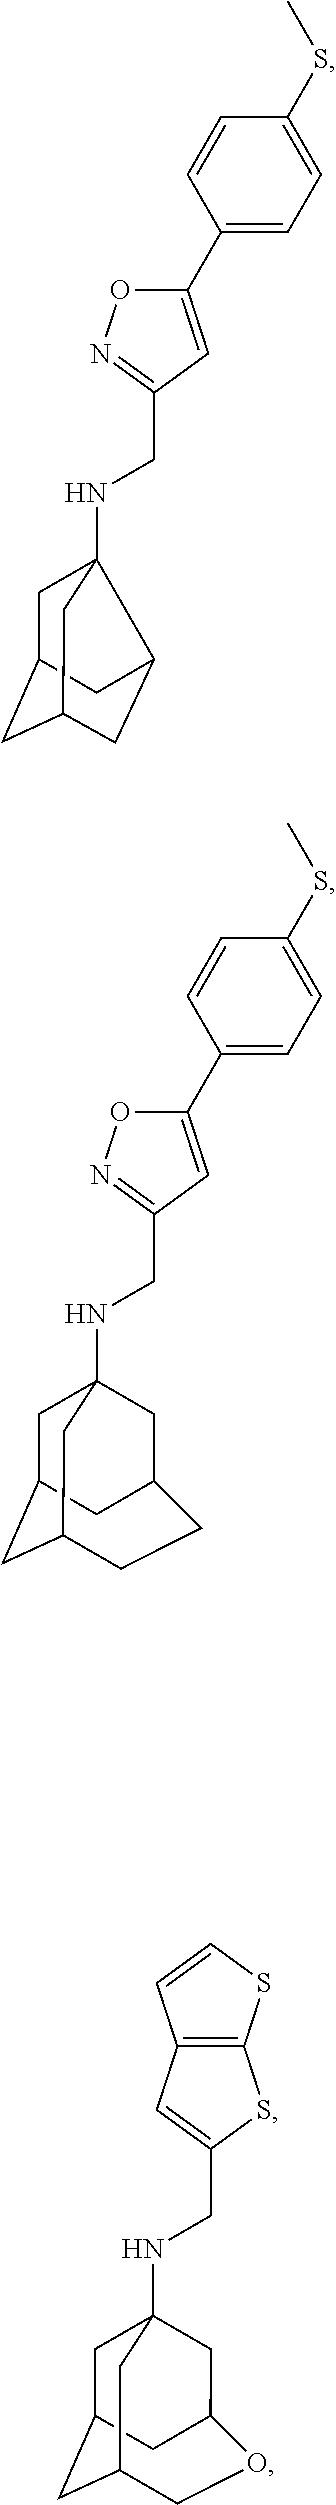 Figure US09884832-20180206-C00205